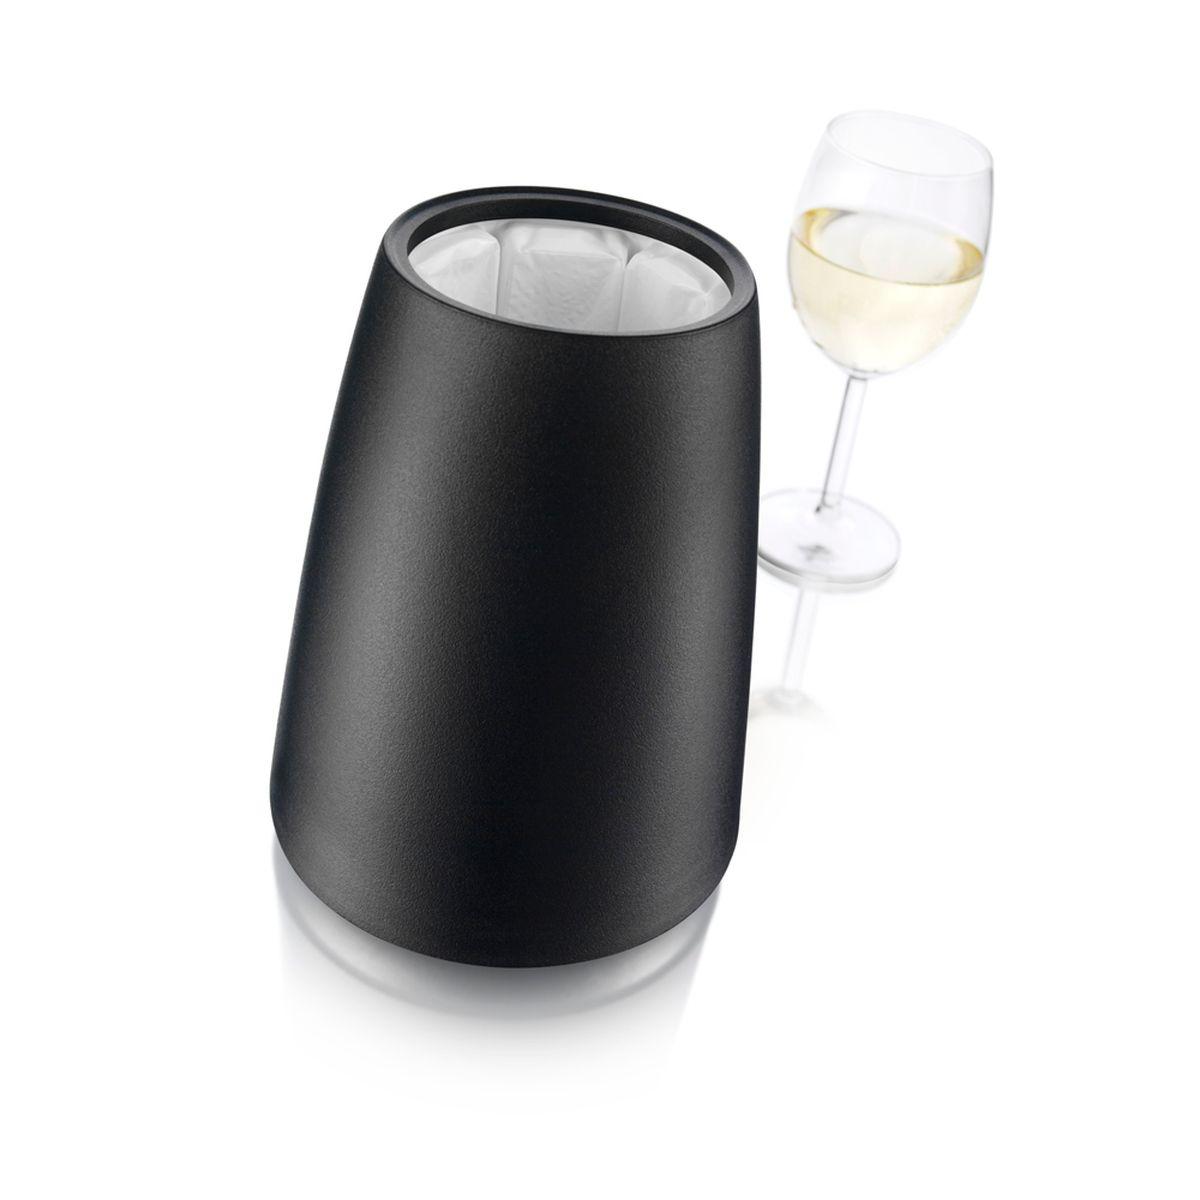 Seau rafraichisseur pour bouteille noir - Vacu Vin